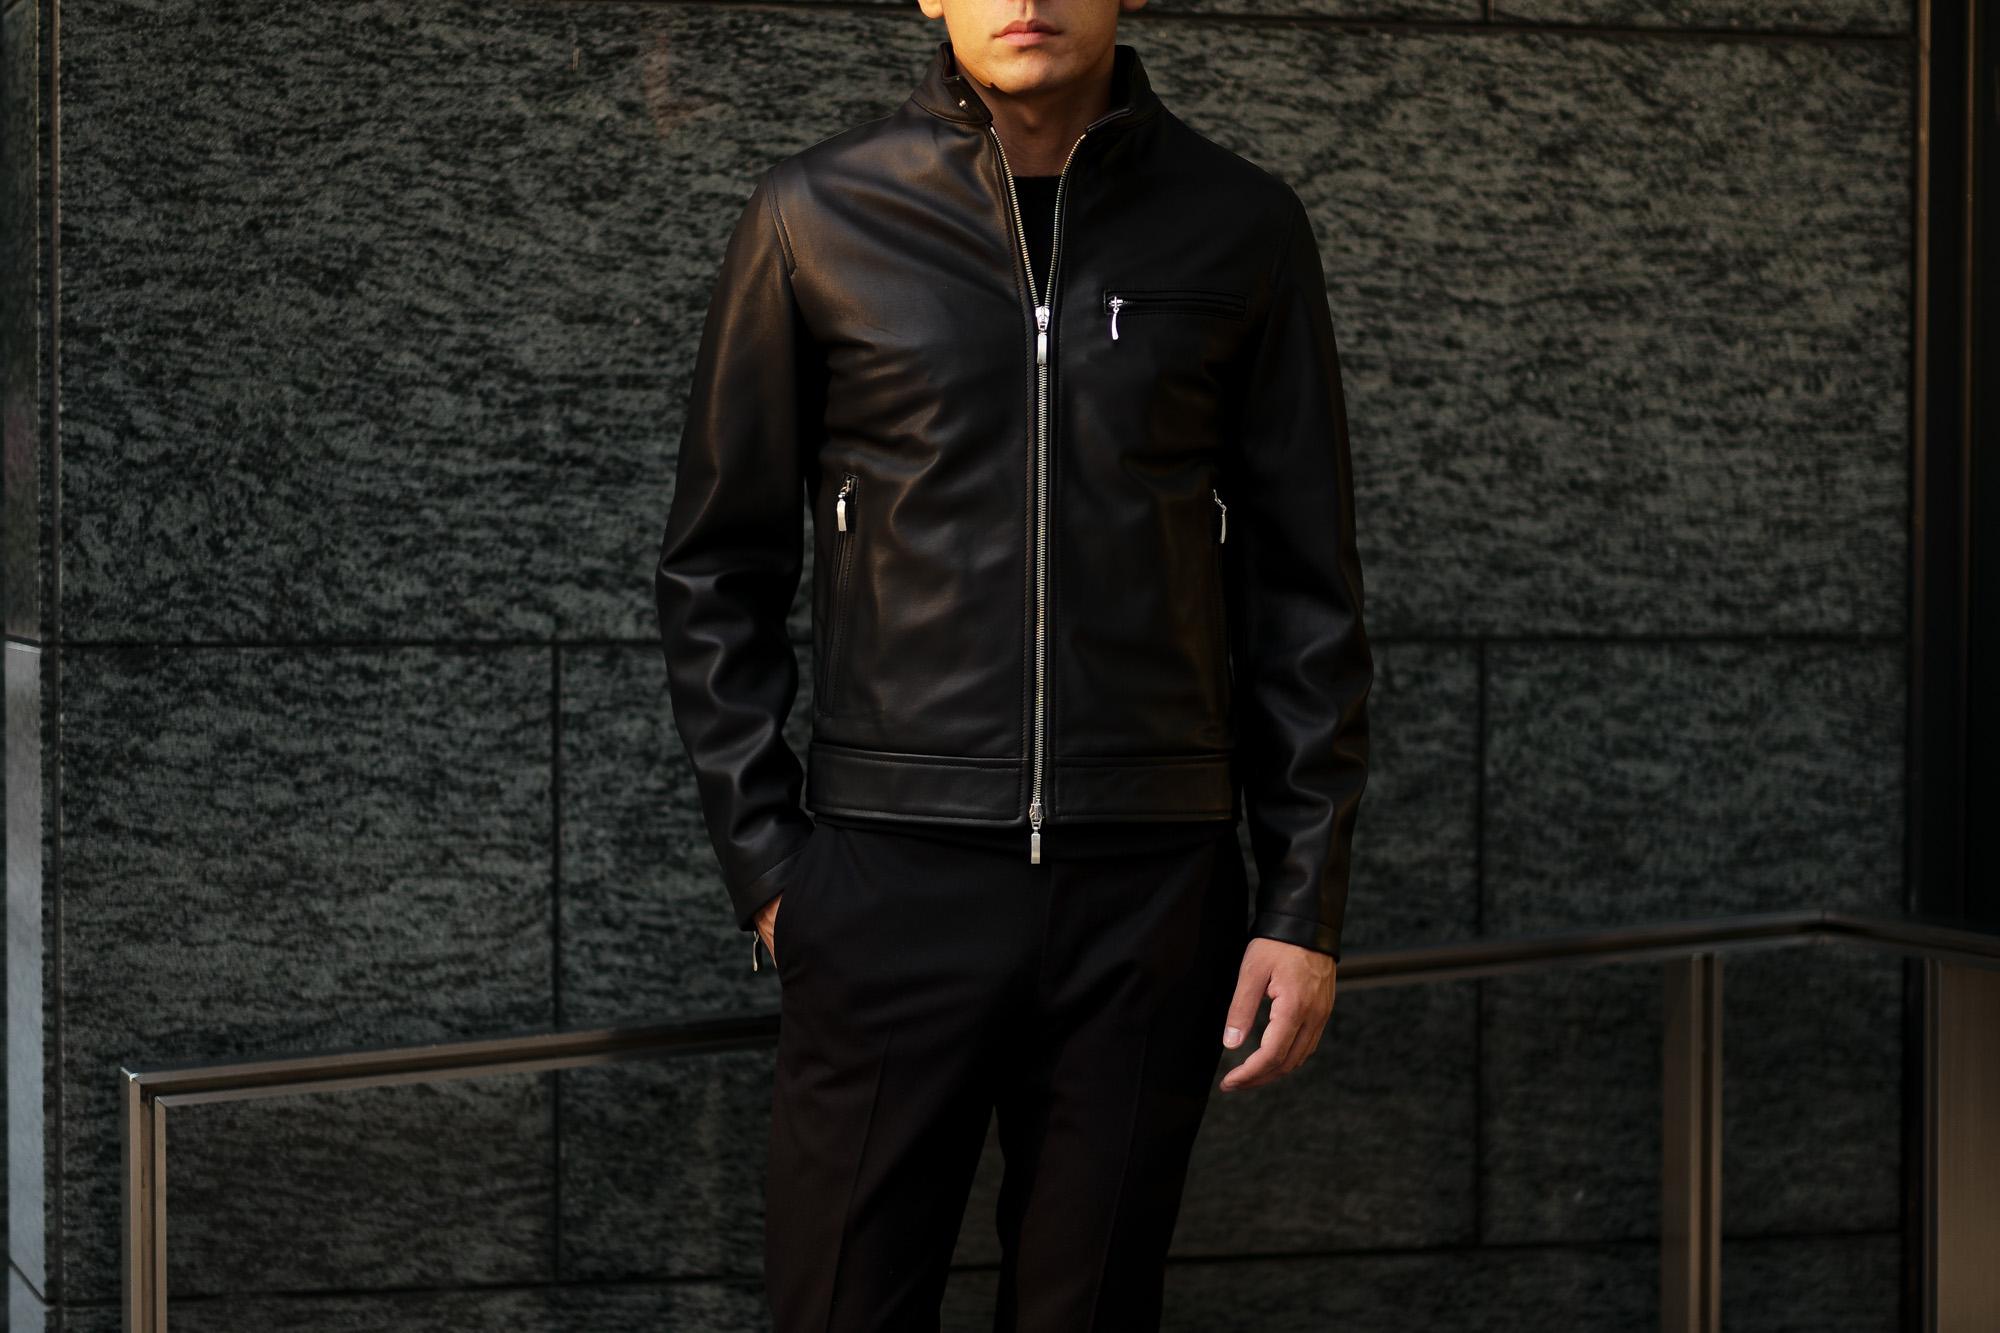 SILENCE (サイレンス) Single Leather Jacket (シングルレザー ジャケット) Goatskin Leather (ゴートスキンレザー) シングル ライダース ジャケット NERO (ブラック) Made in italy (イタリア製) 2019 秋冬新作 愛知 名古屋 altoediritto アルトエデリット